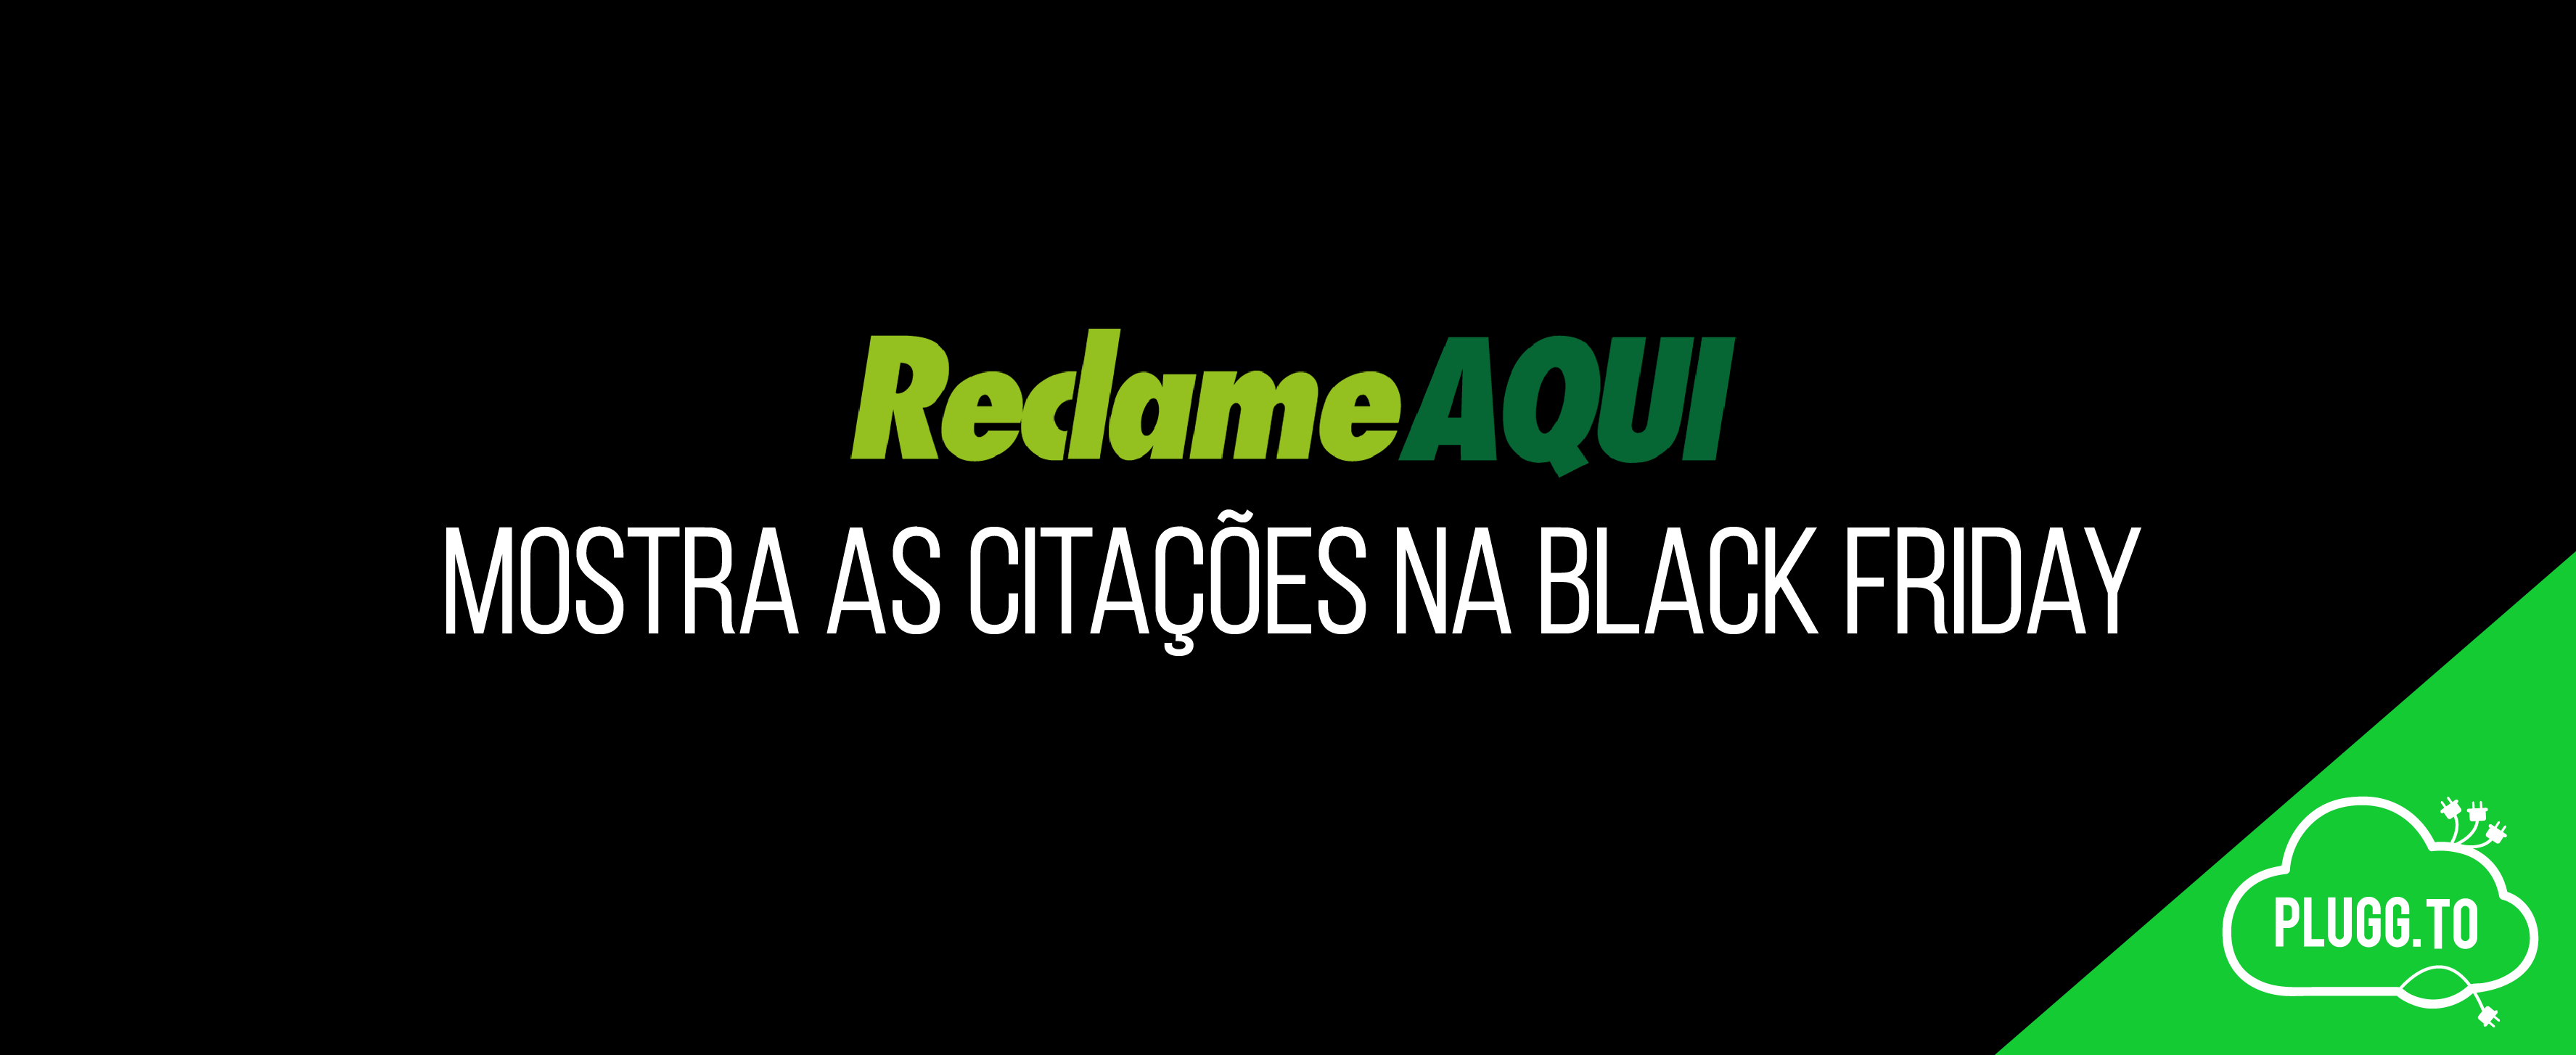 Reclame Aqui mostra as Citações na Black Friday